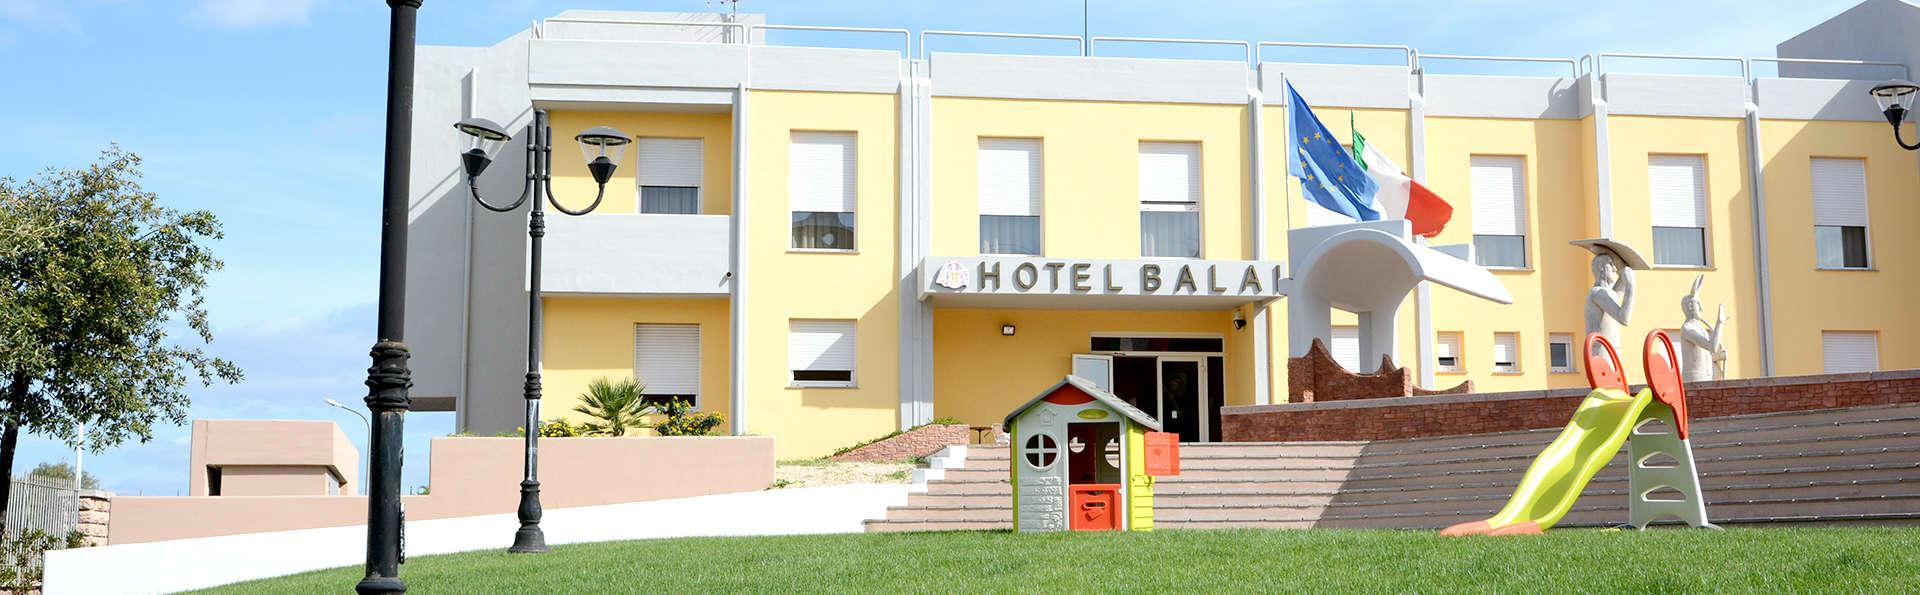 Hotel Balai Sardegna - Edit_Front2.jpg